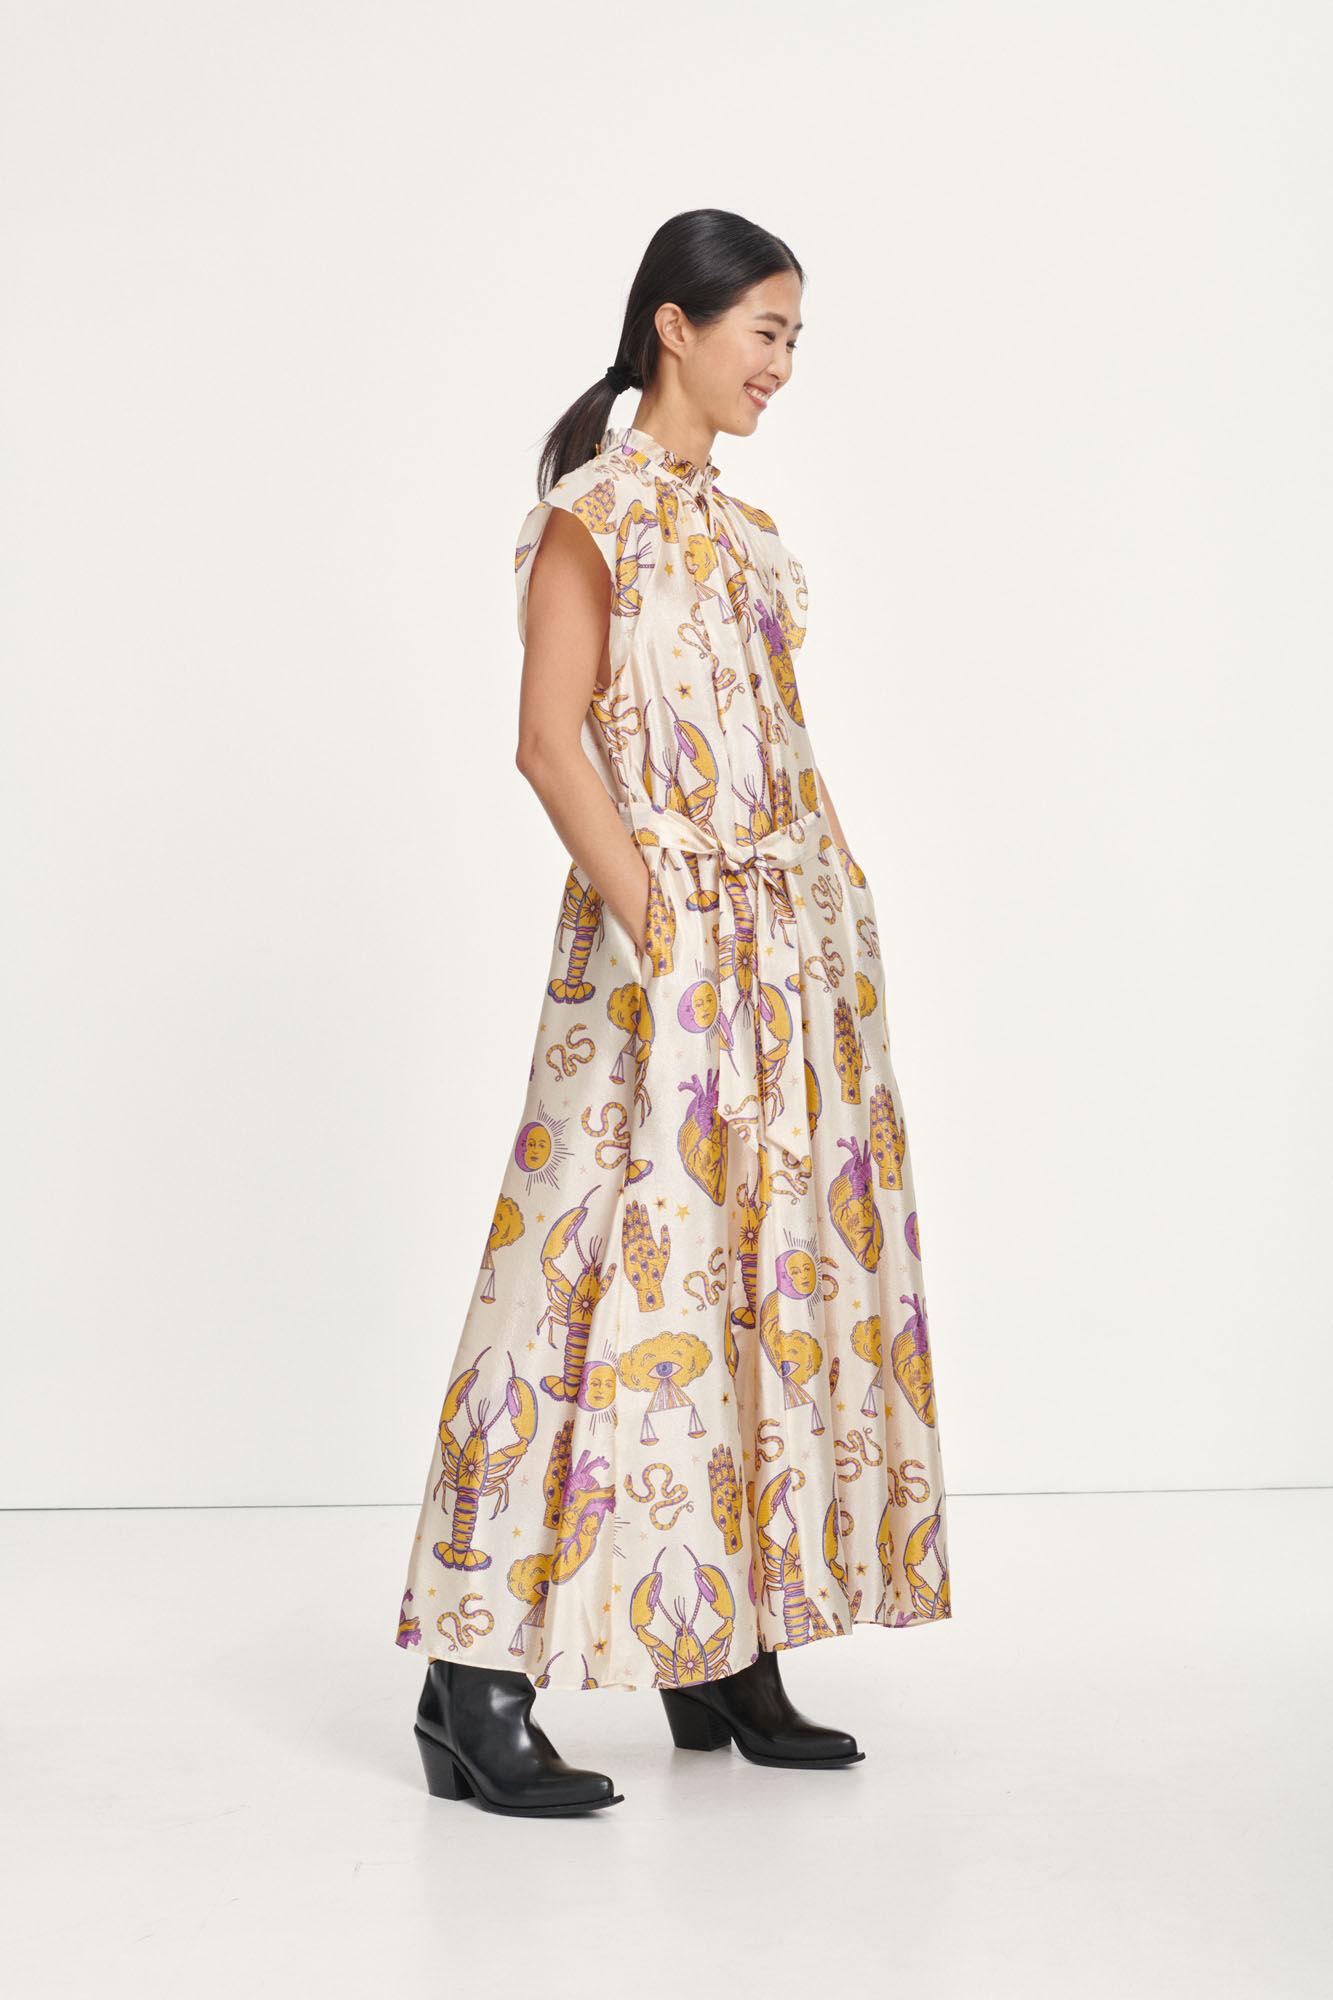 Karookh long dress aop 11244, TAROT TAPESTRY